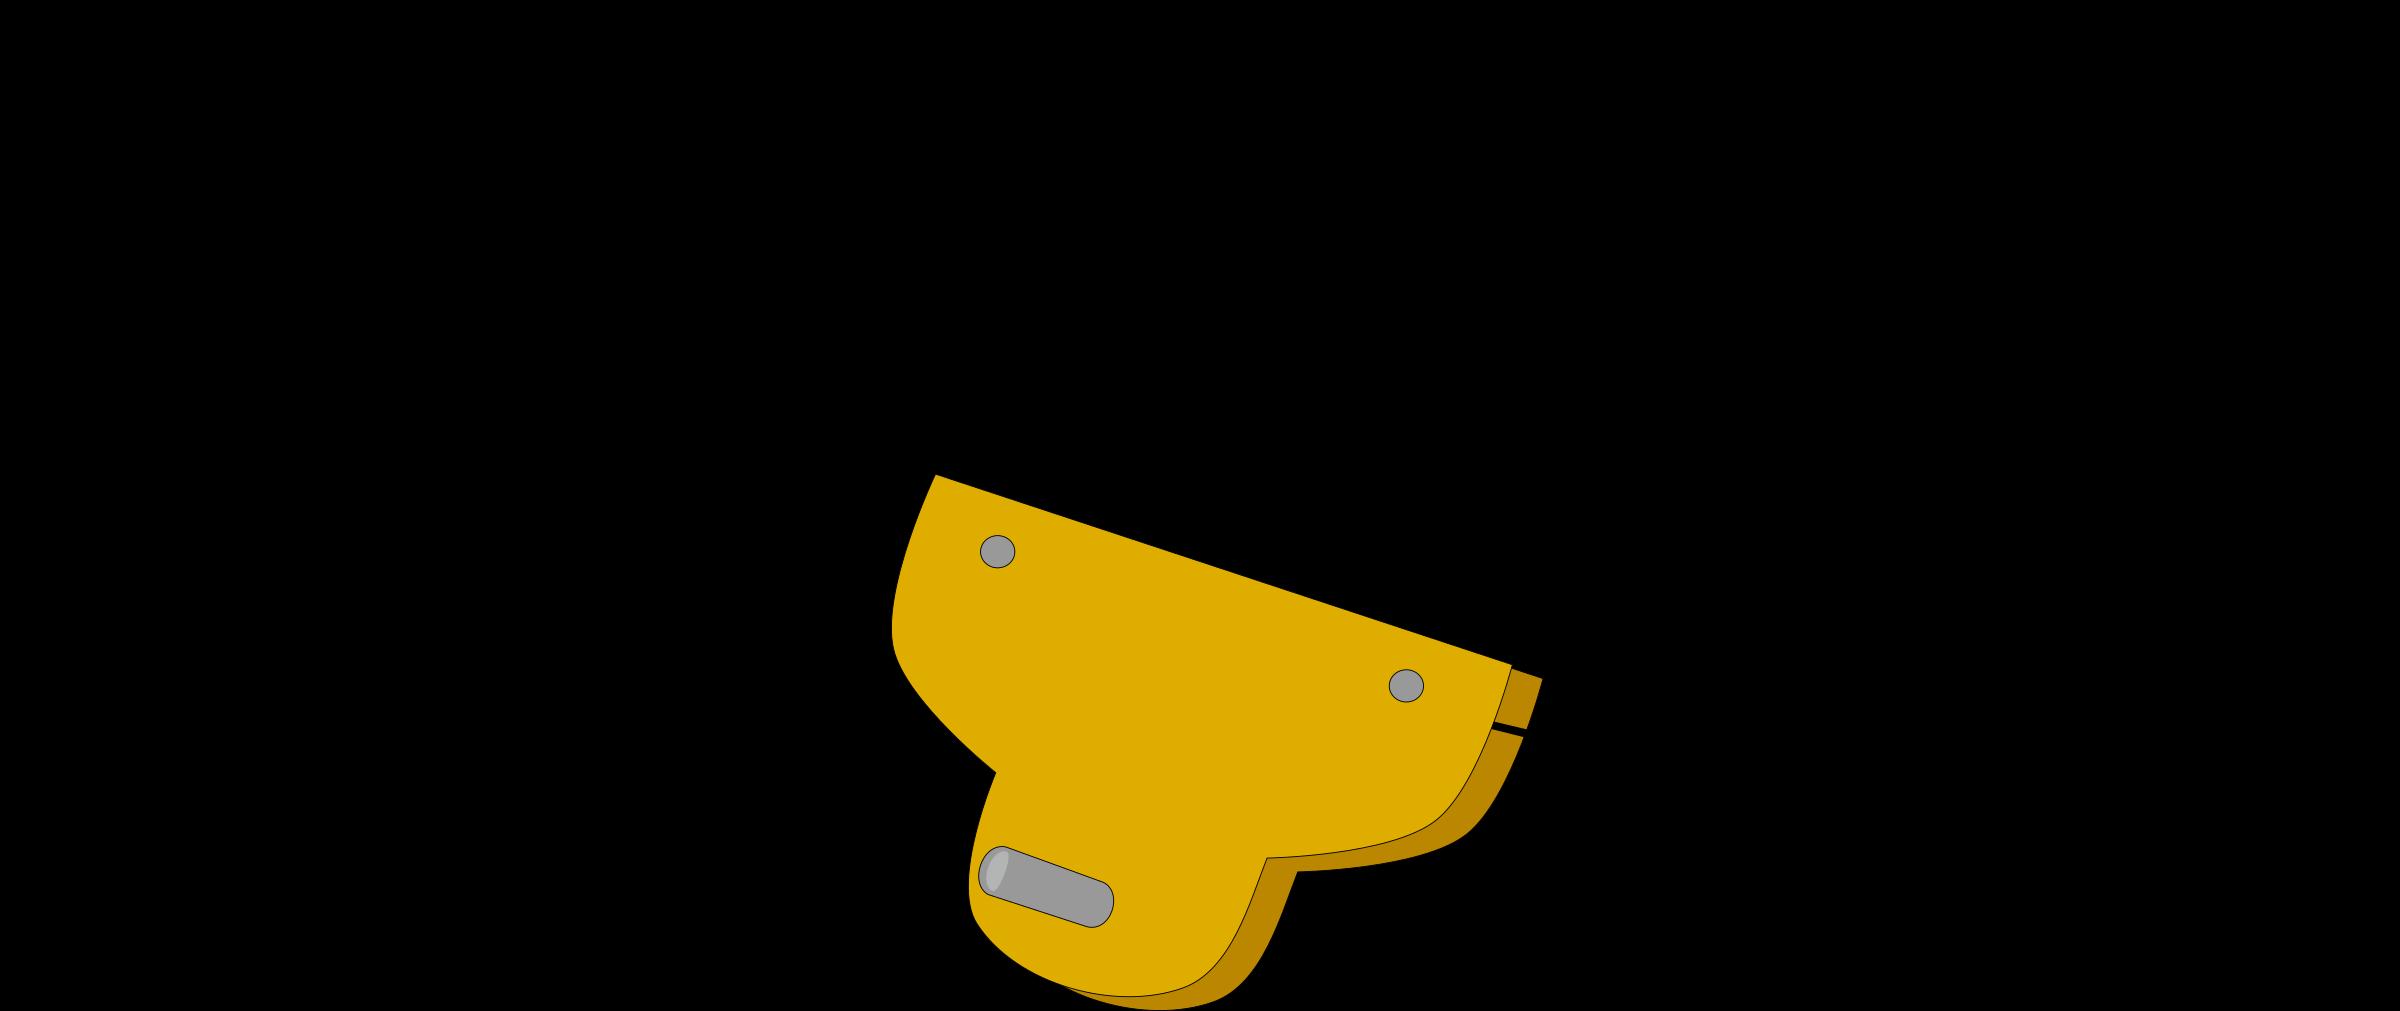 Zipline Clipart.